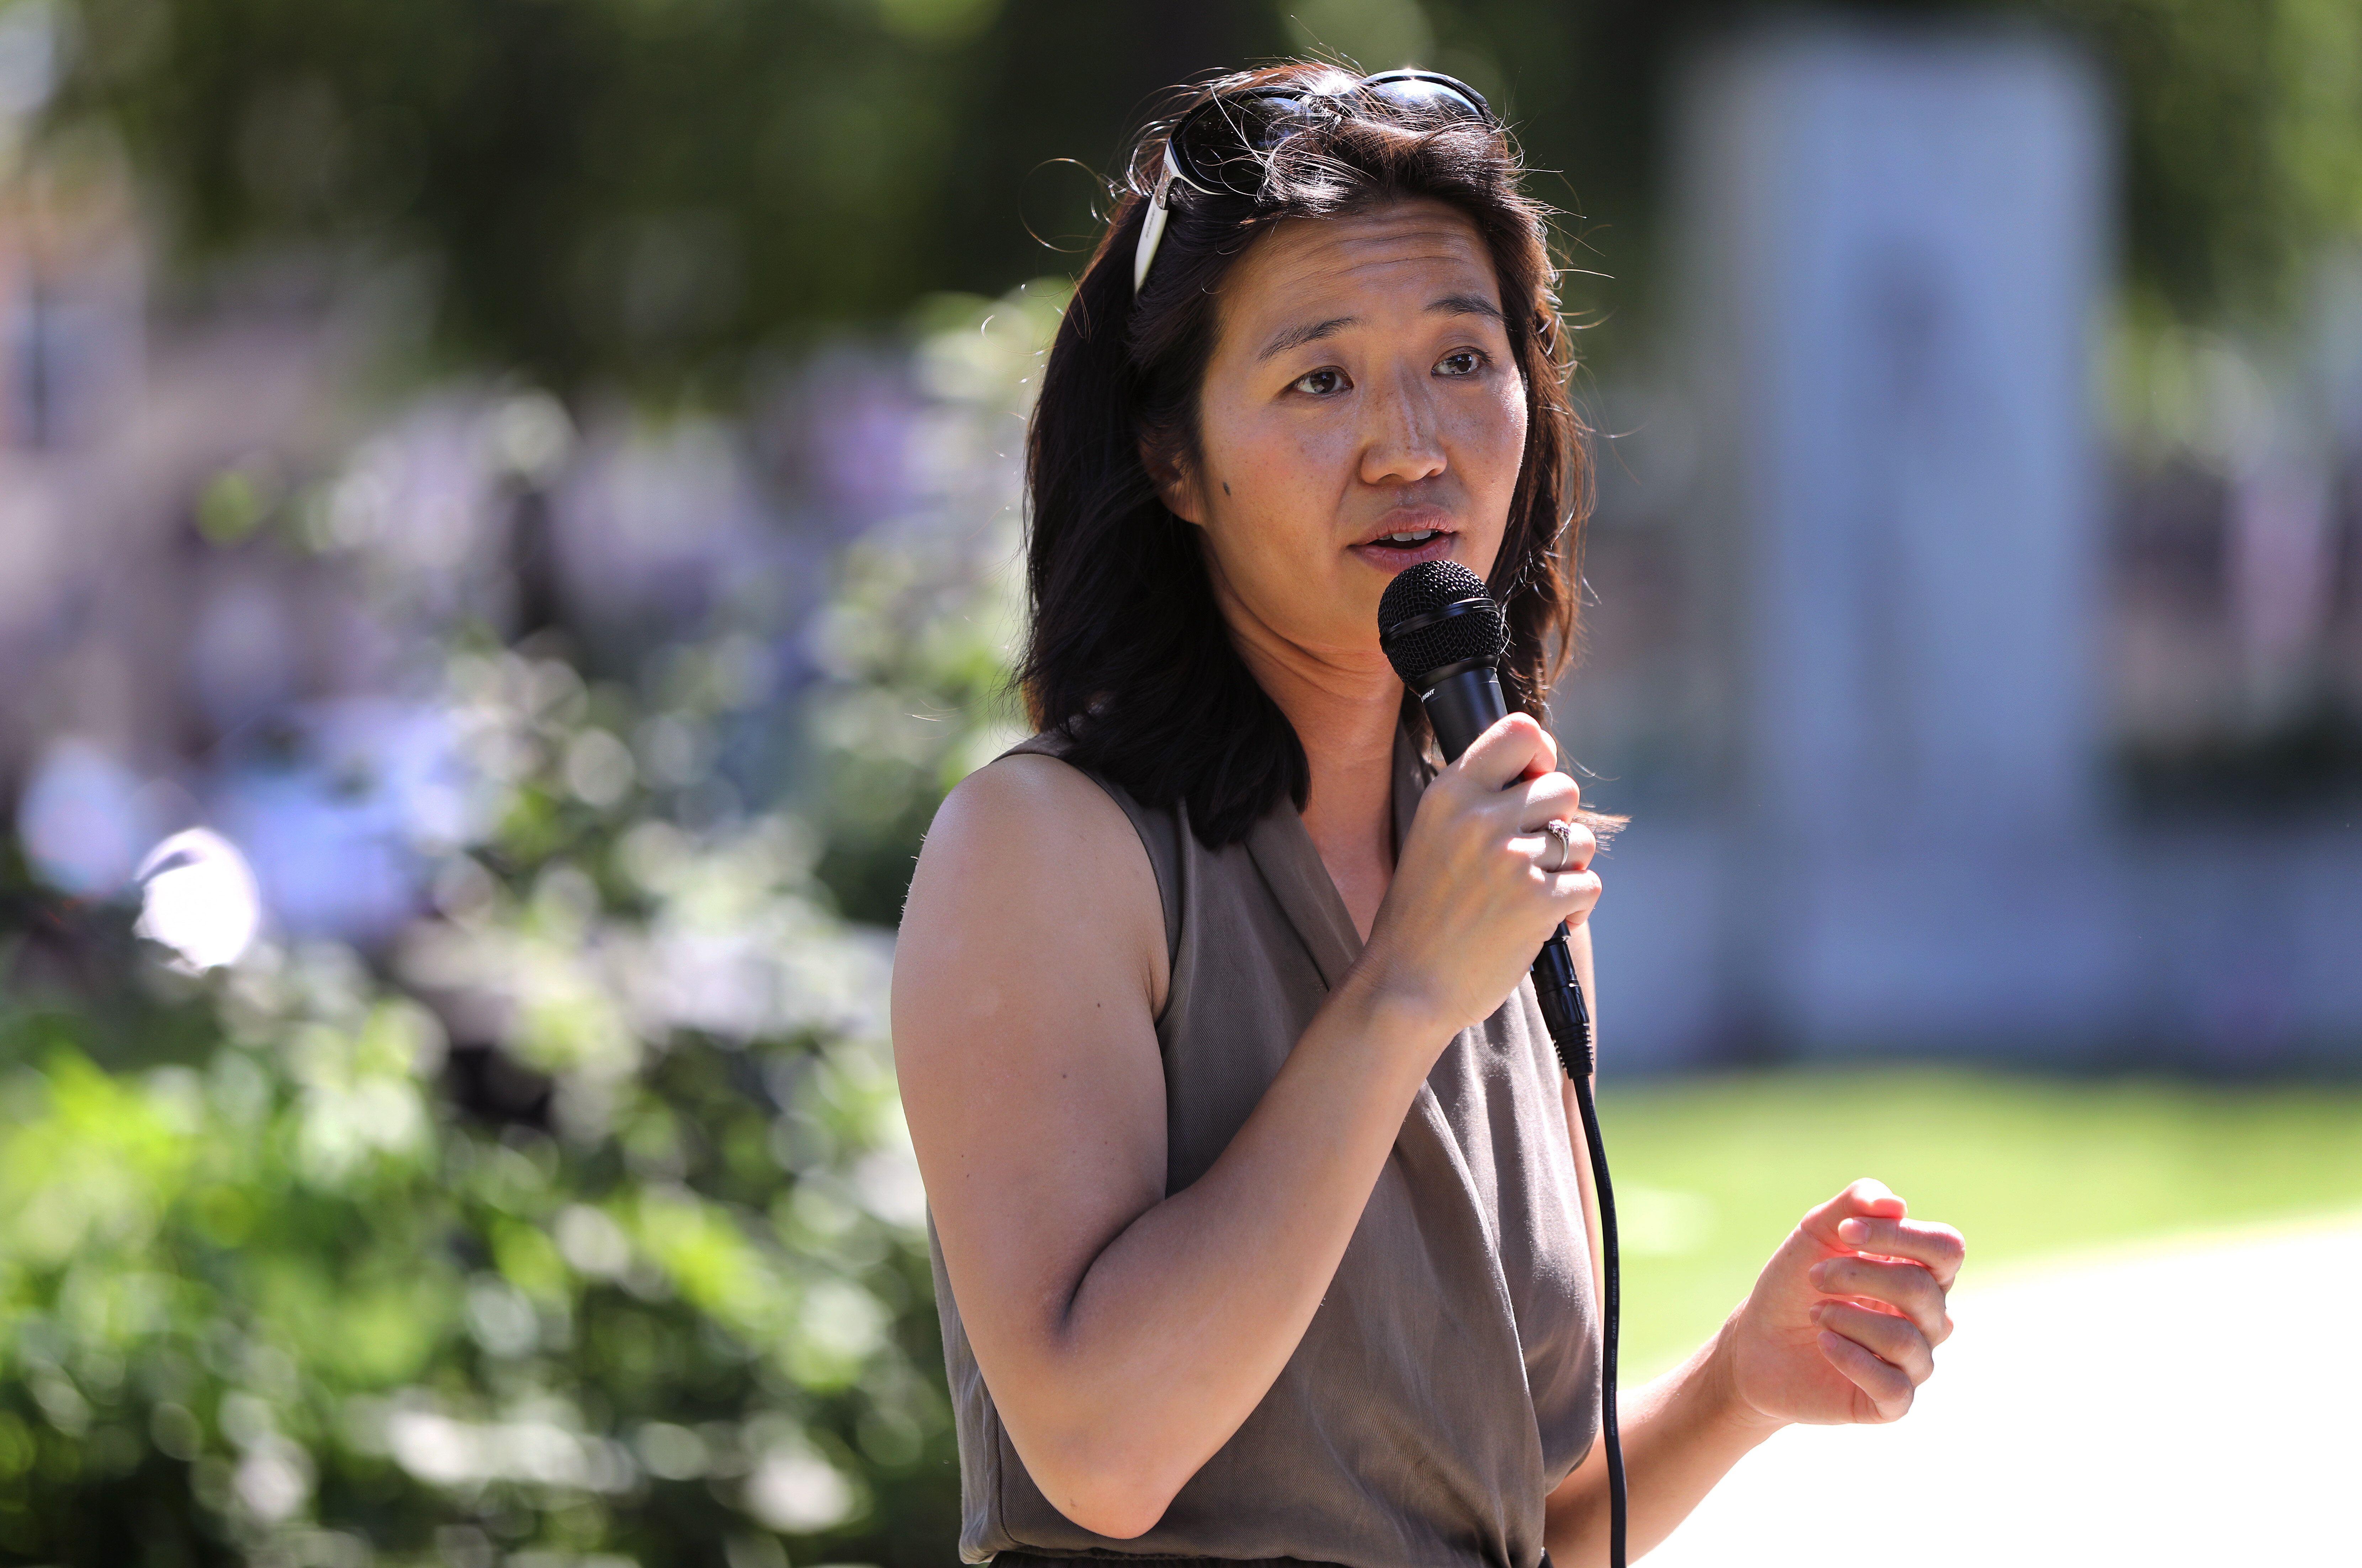 Michelle Wu speaks to voters at Adams Park in the Roslindale neighborhood of Boston.